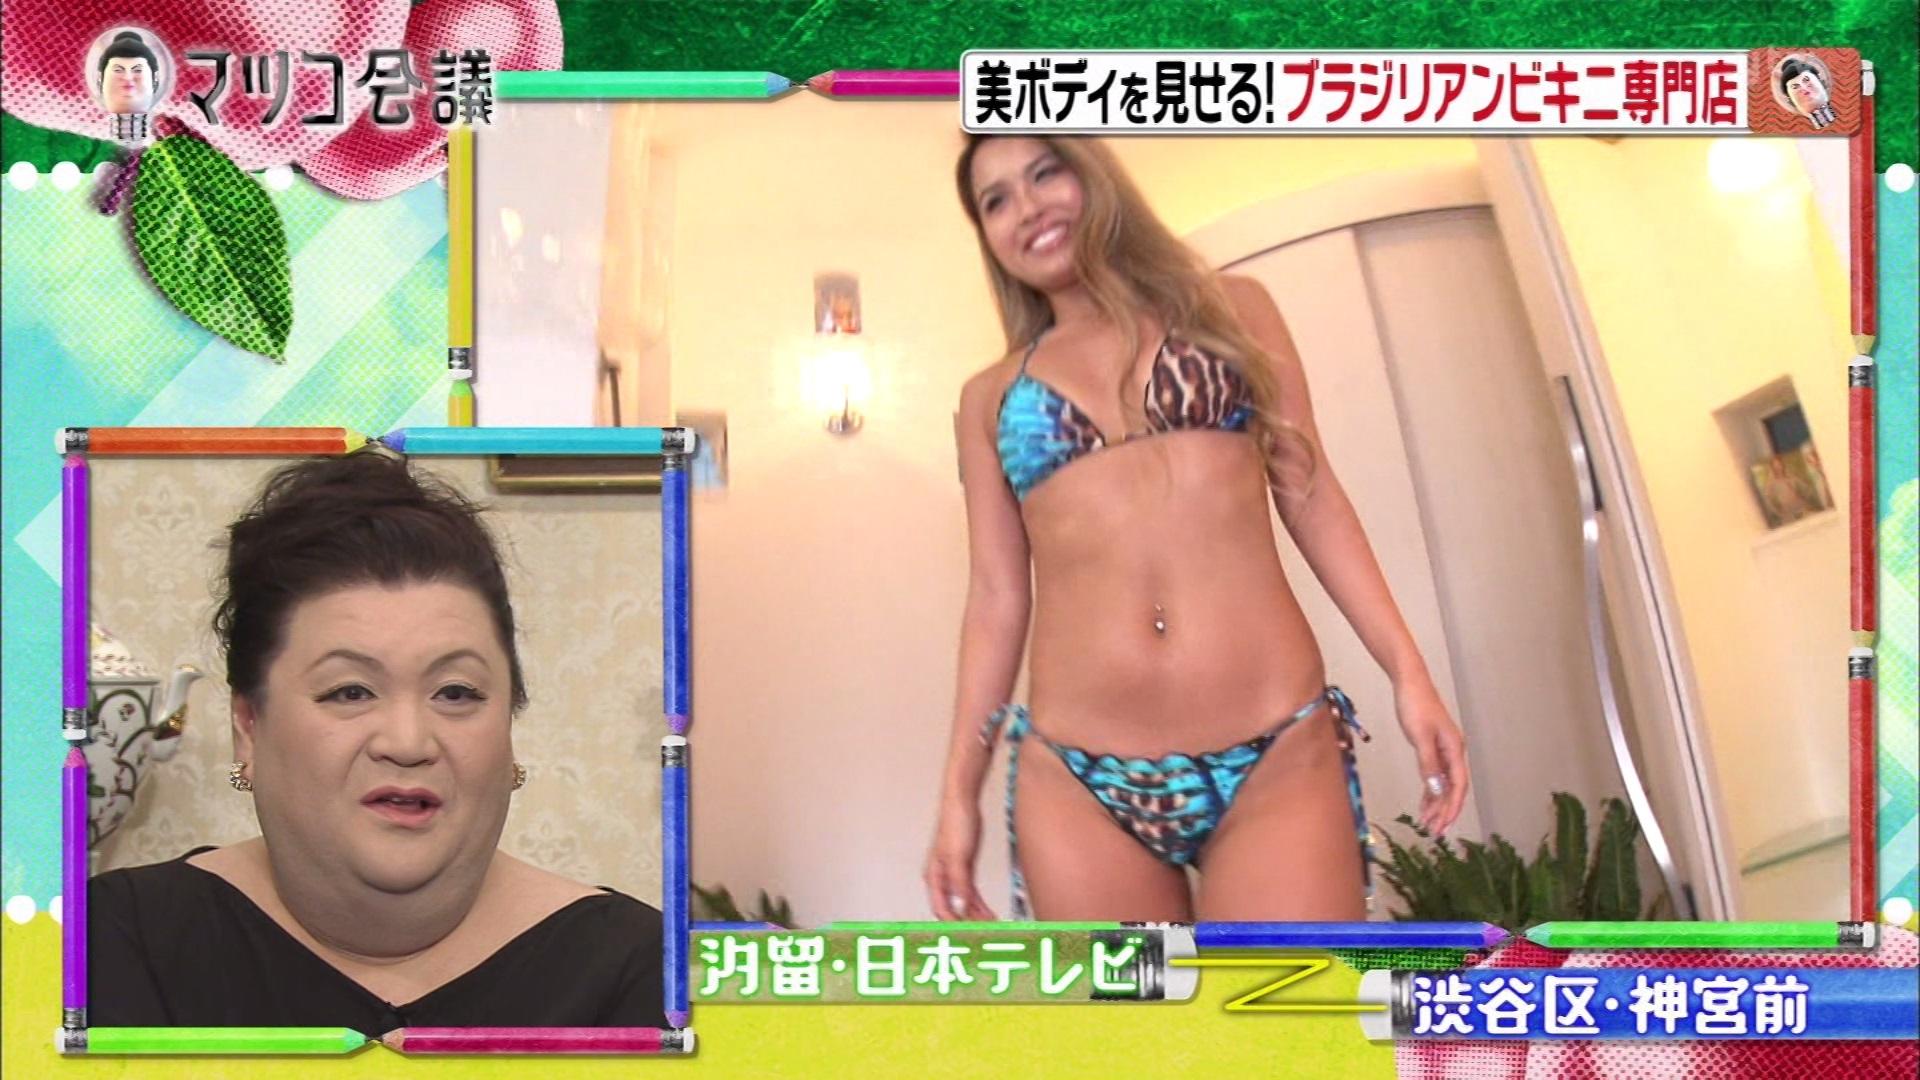 ブラジリアンビキニ_お尻_テレビキャプ画像_09